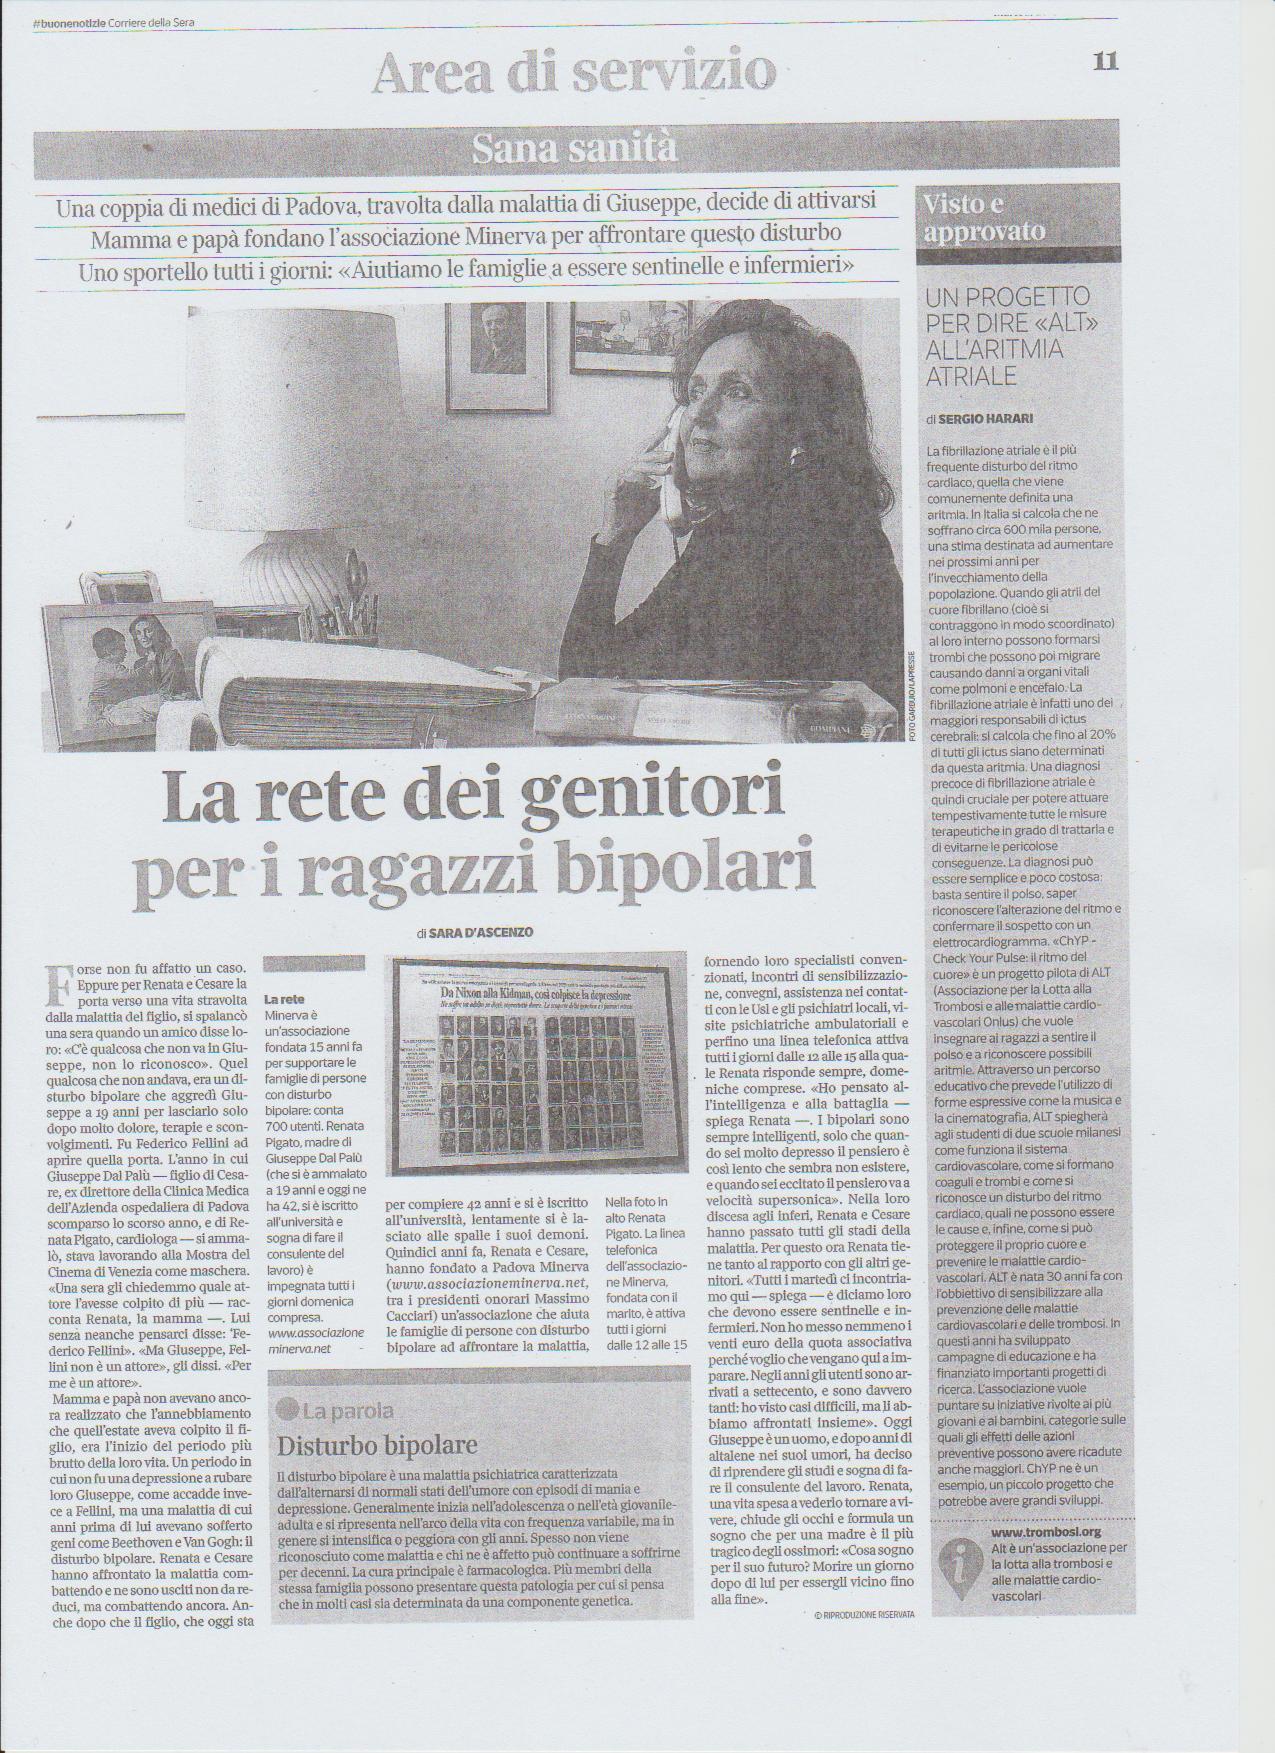 LaReteDeiGenitori_17ottobre2017 La Rete Dei Genitori - Corriere della Sera del 17 ottobre 2017